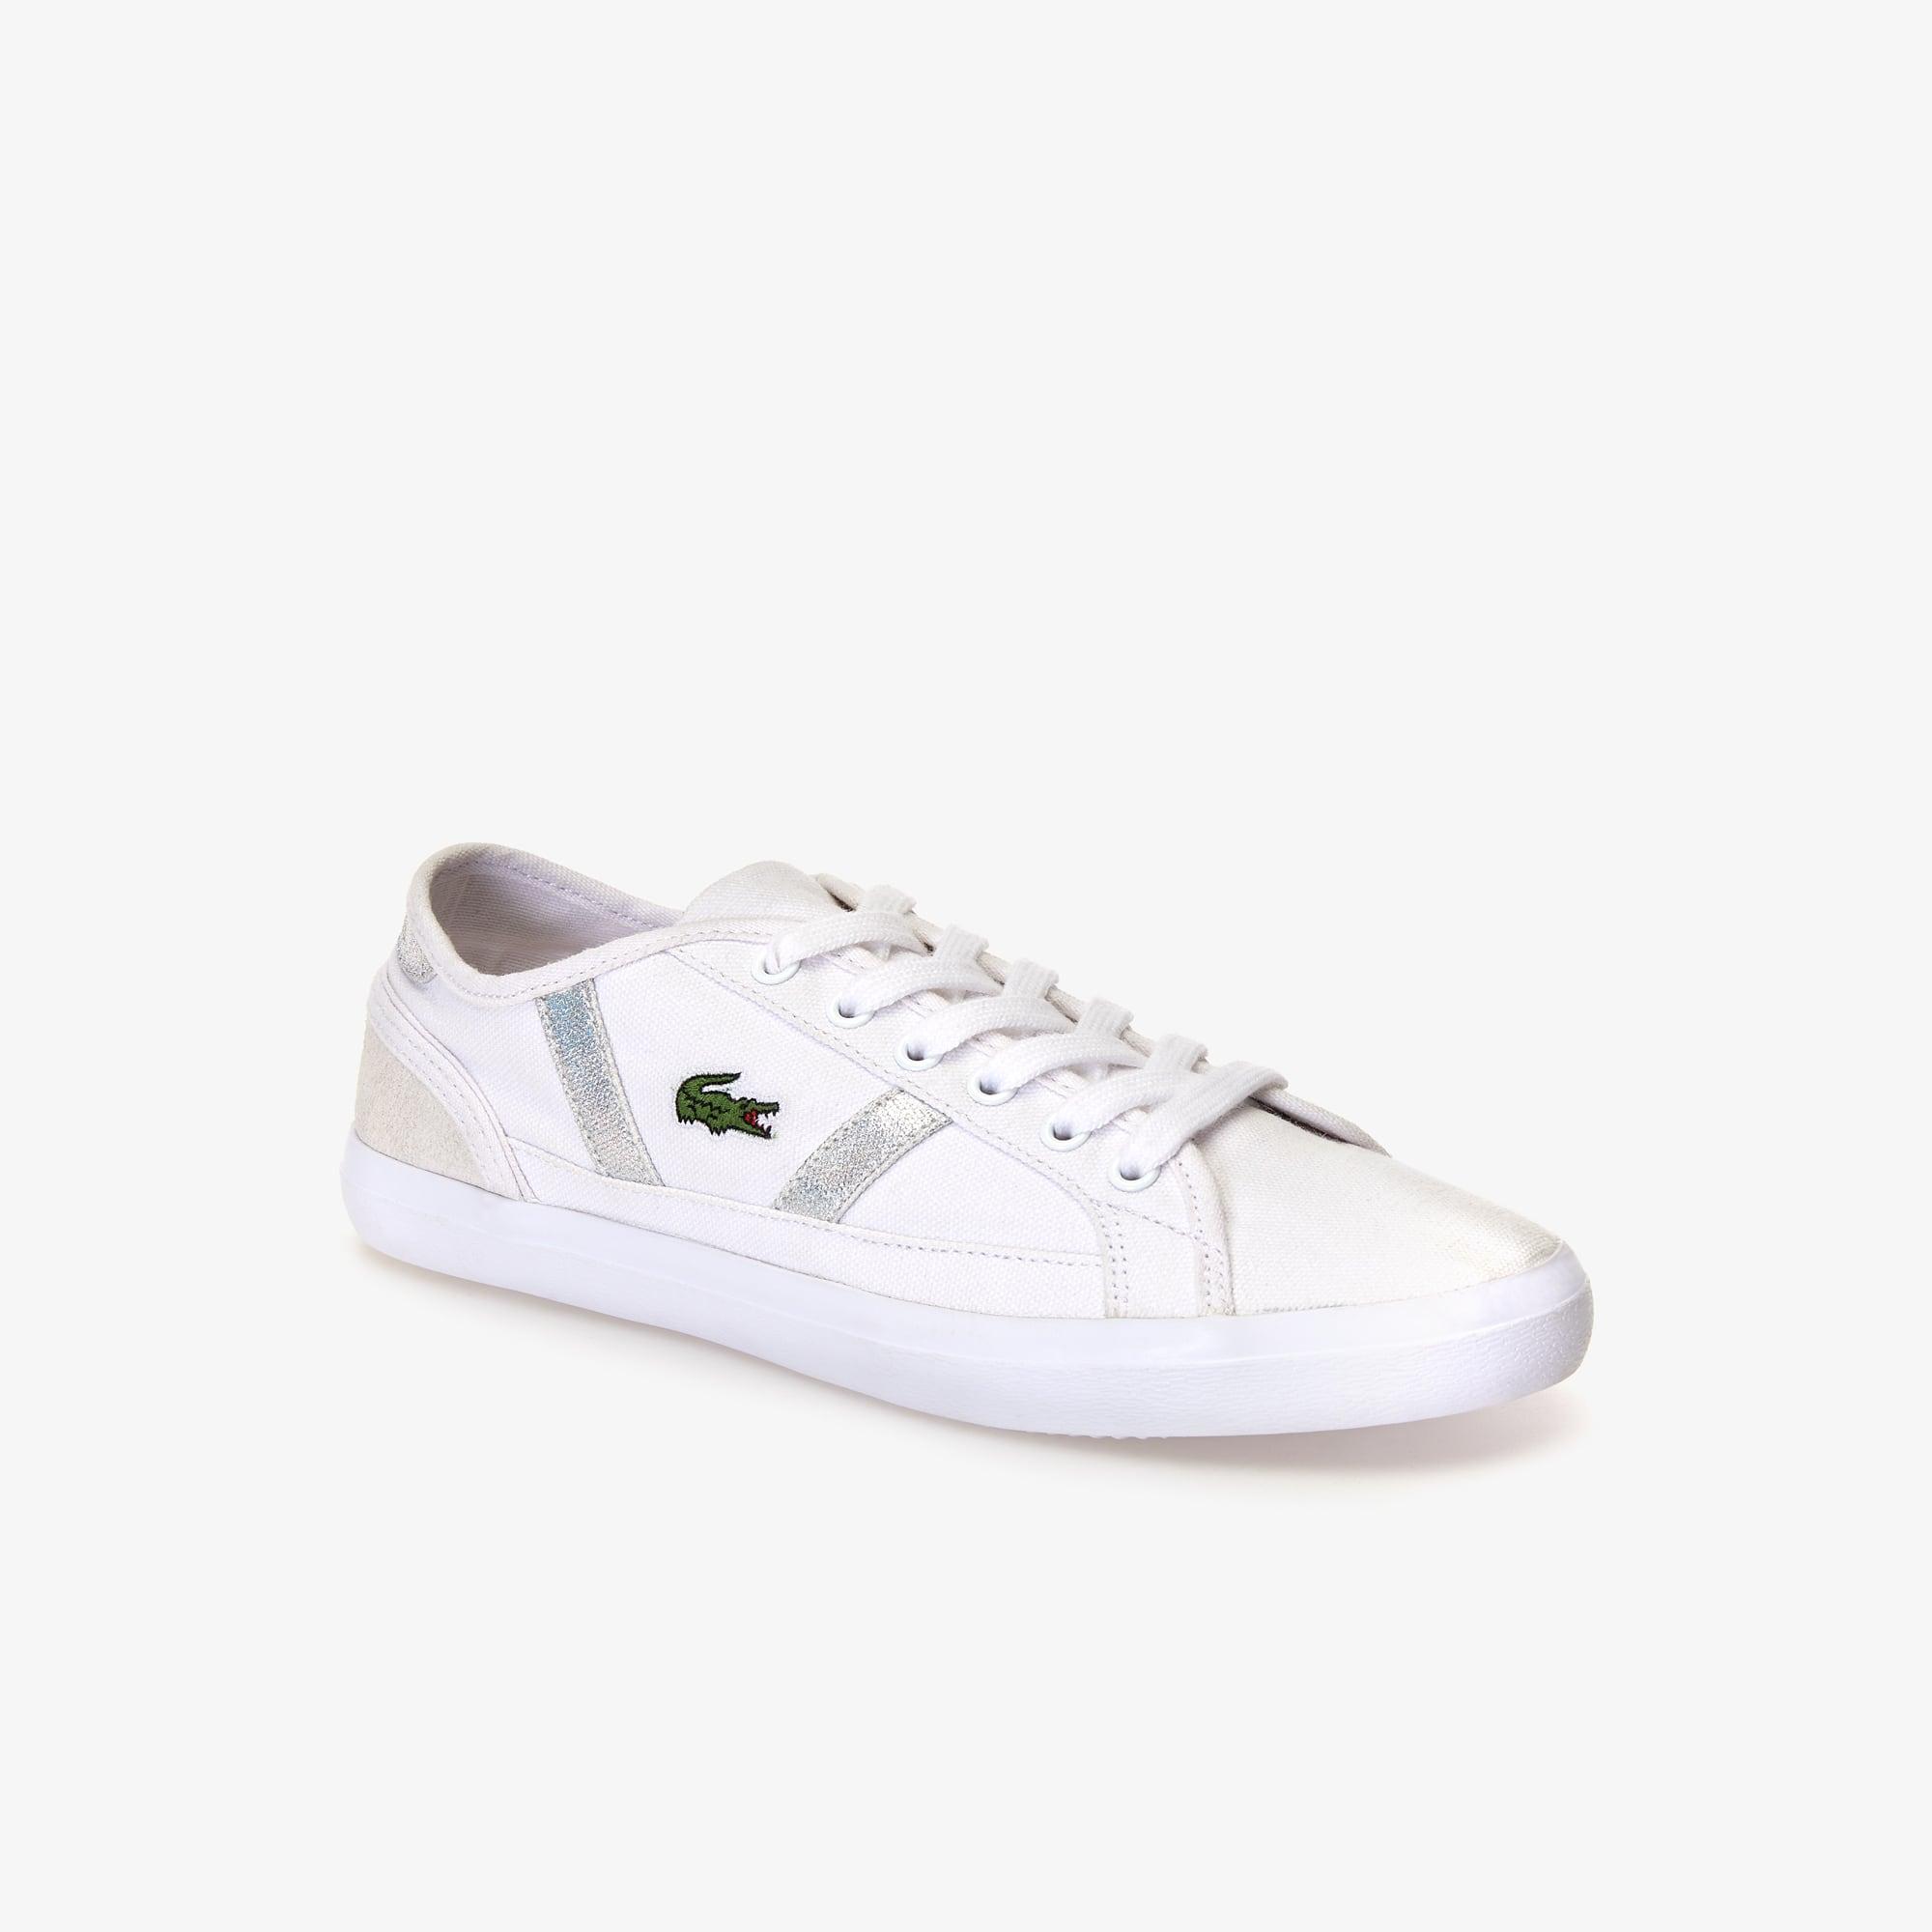 2d03b24998e Lacoste shoes for women  Boots